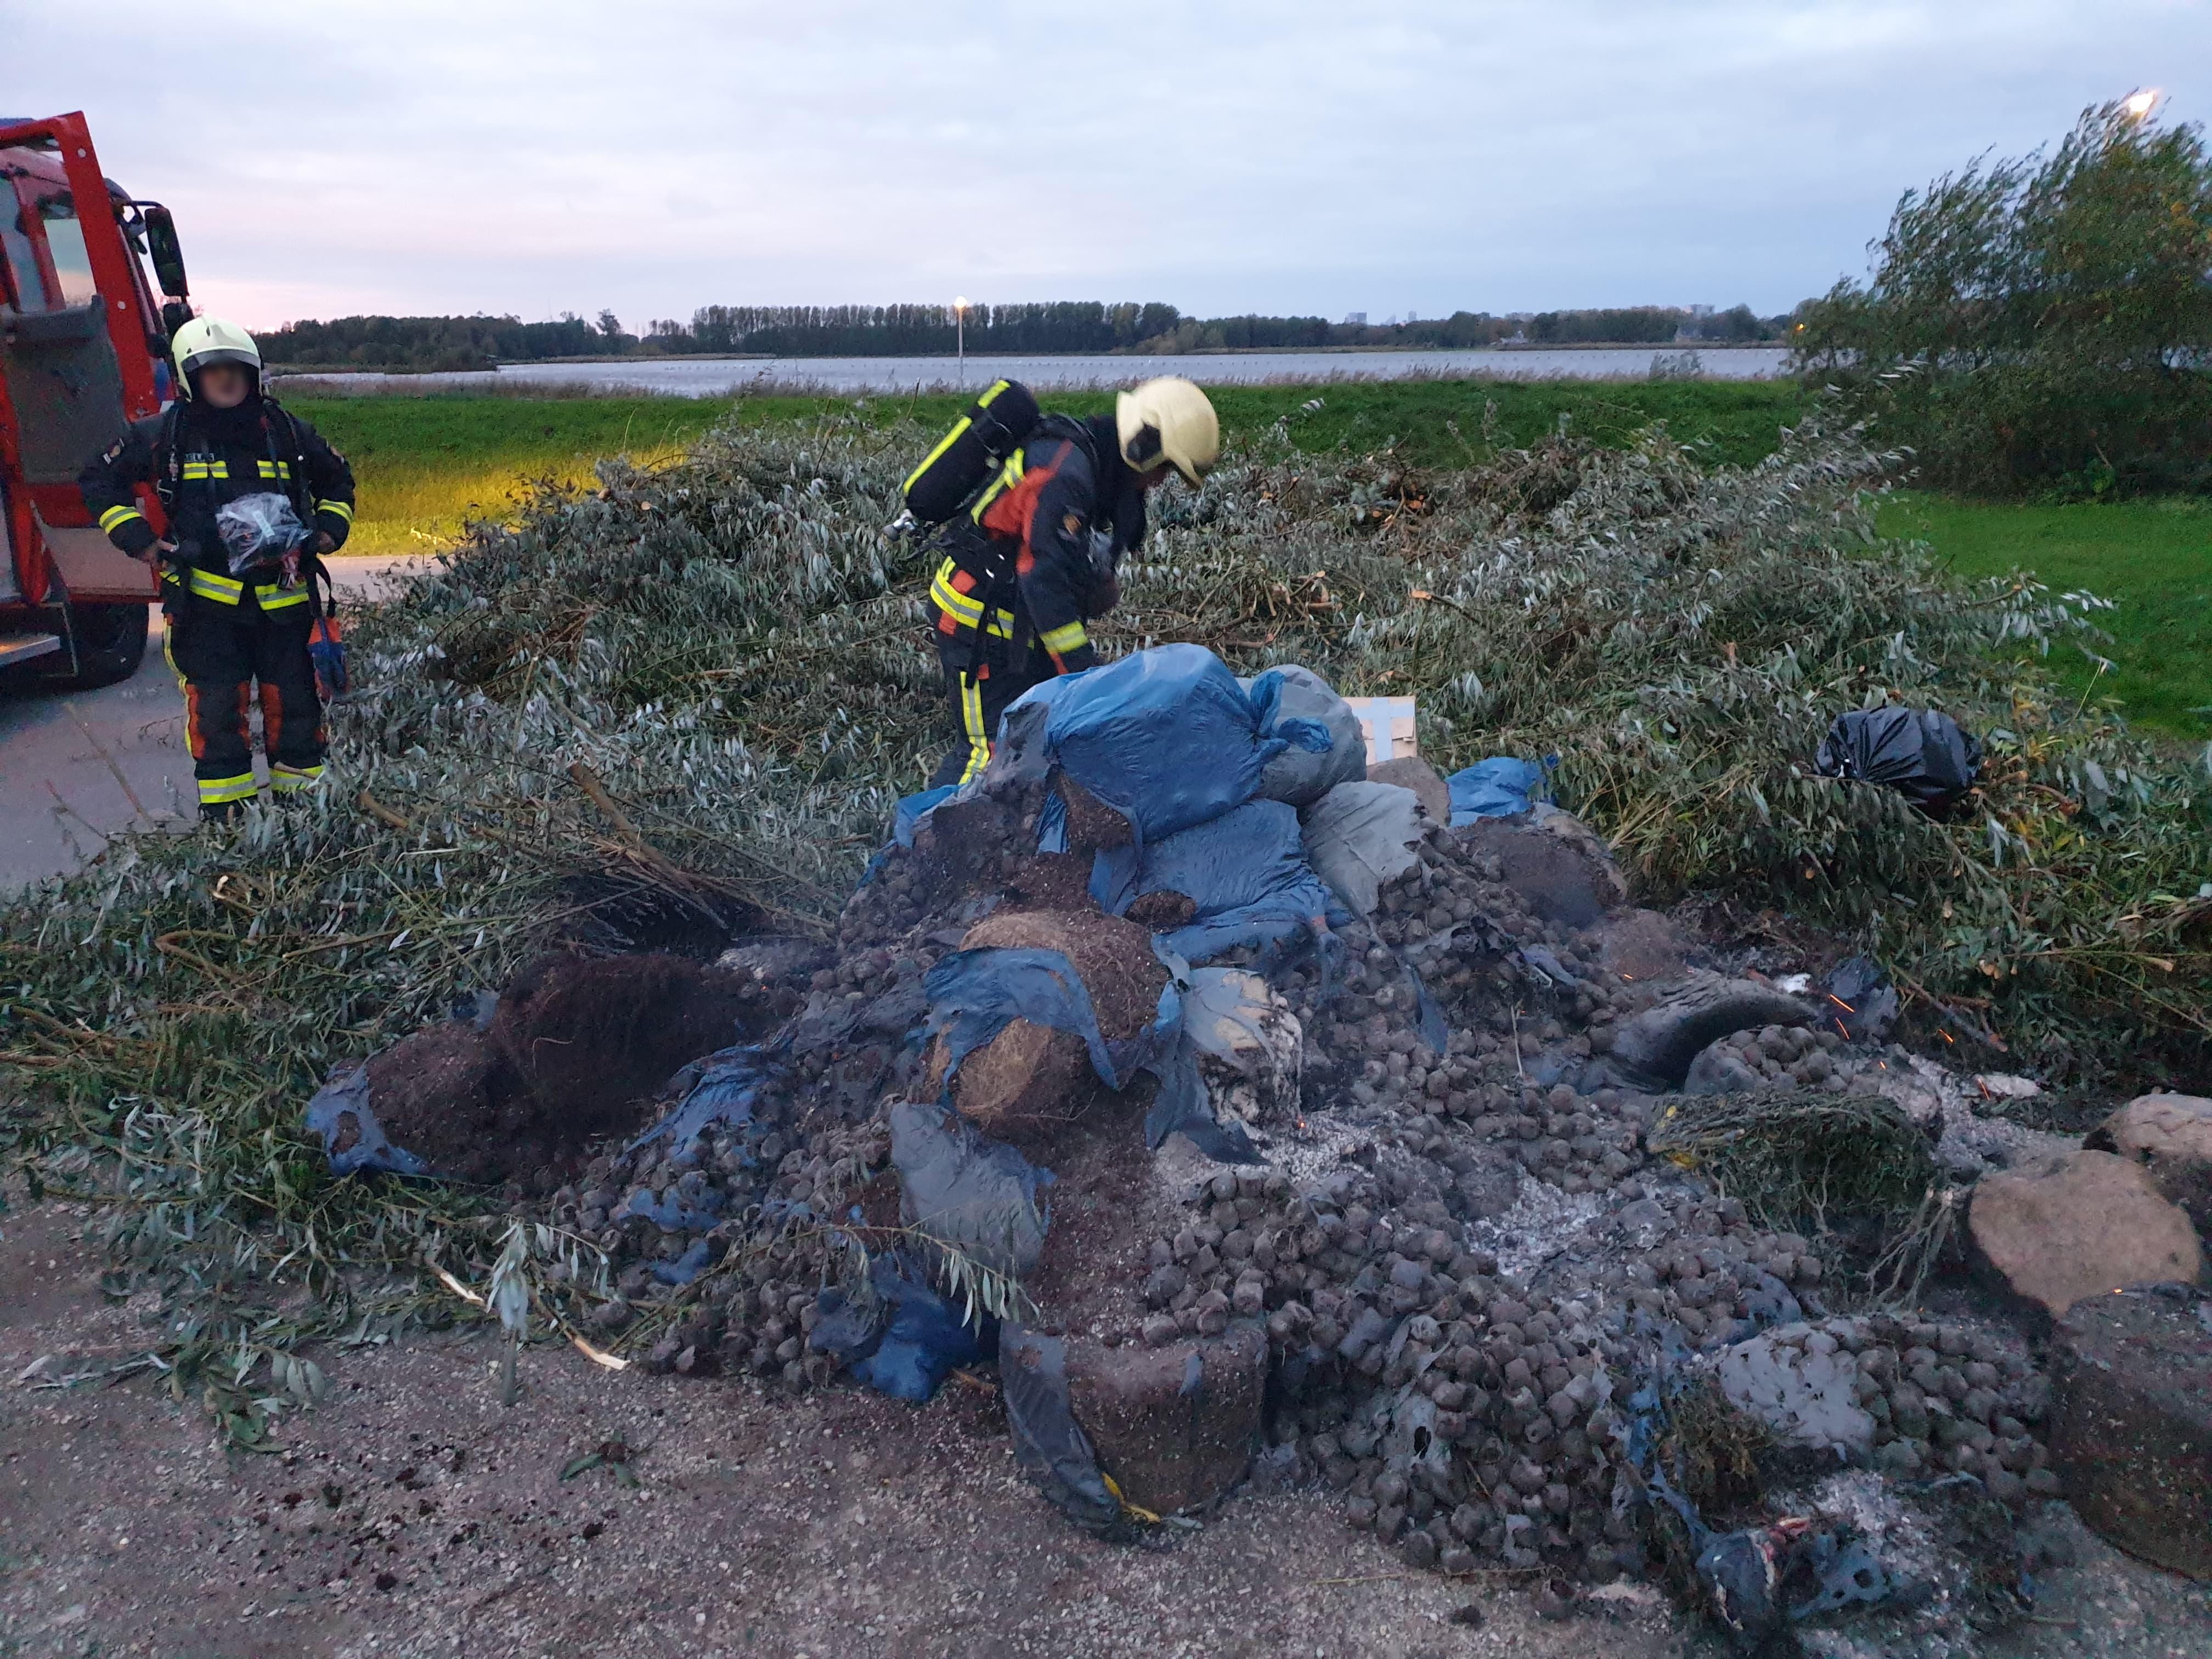 Politie onderzoekt herkomst brandend hennepafval in recreatiegebied Vlietlanden